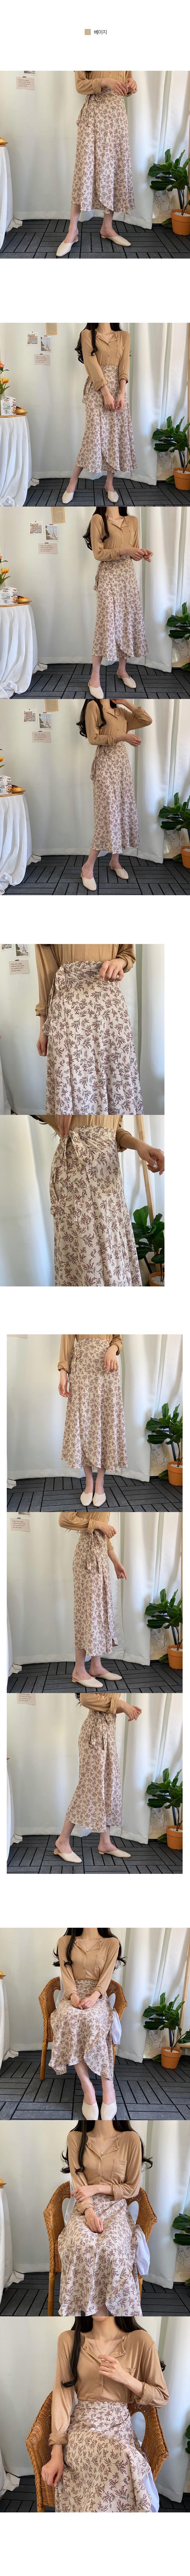 Lavender wrap long skirt